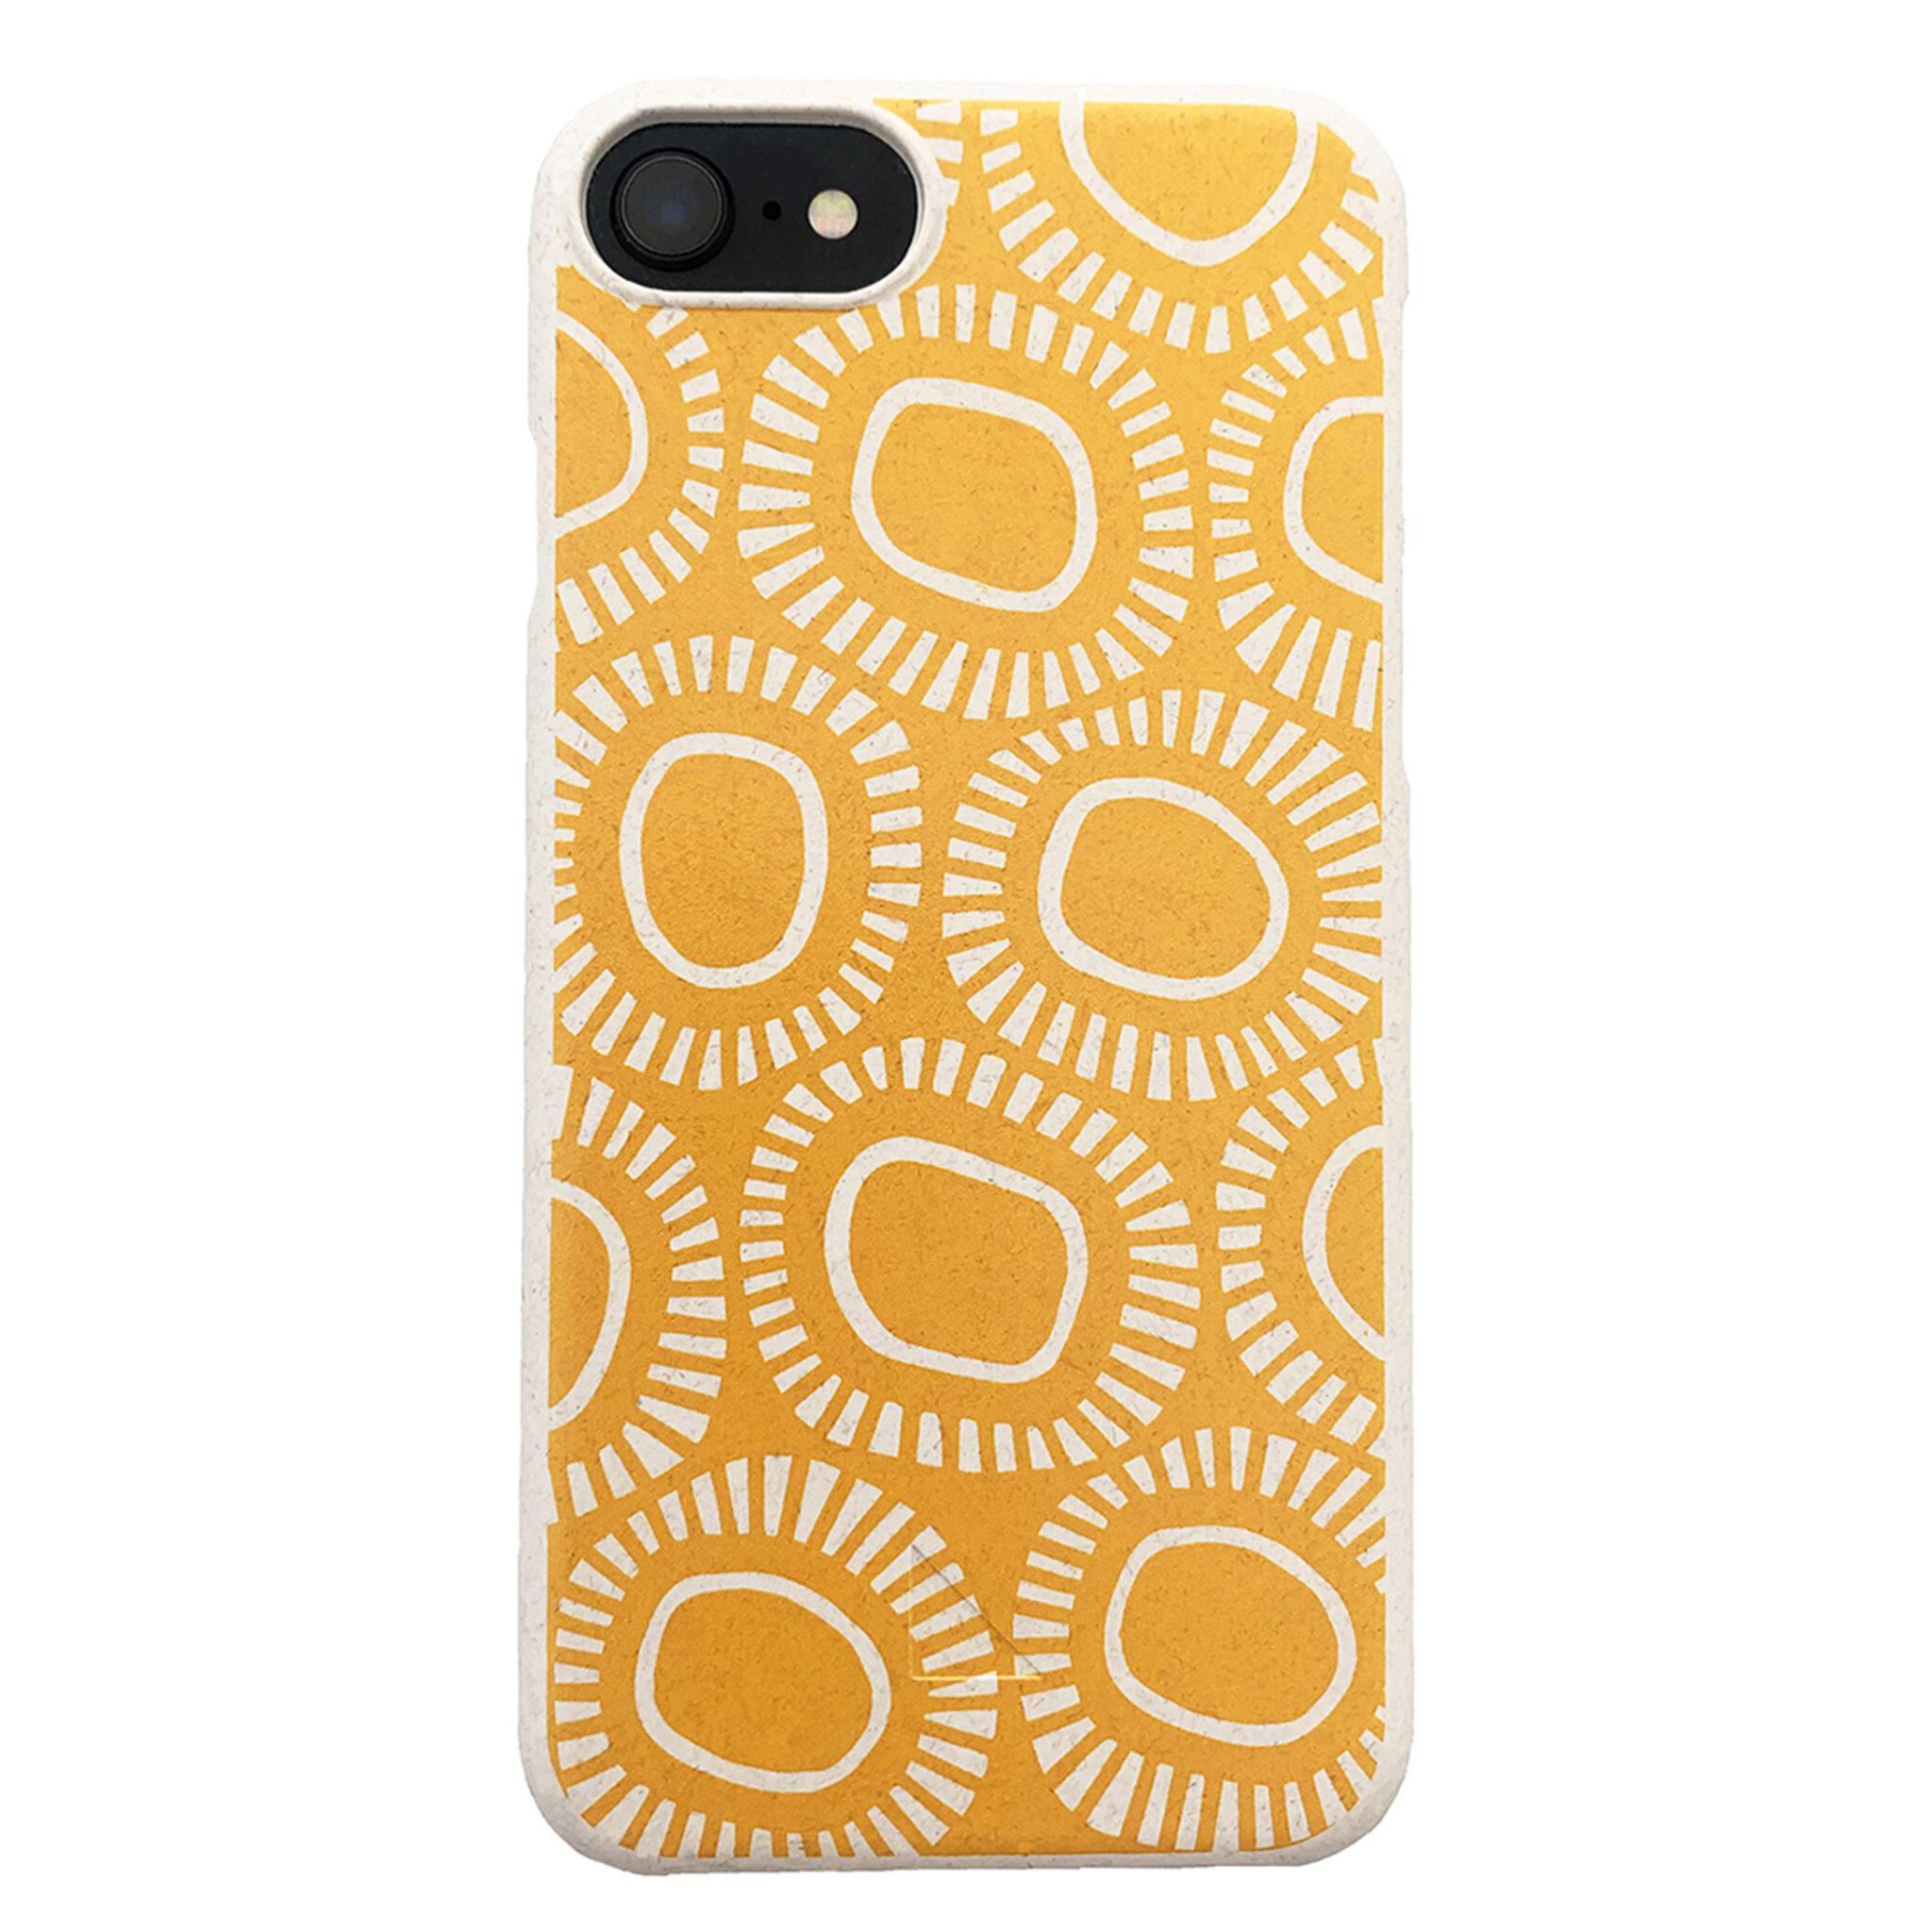 Mobilskal Solar iPhone 6, 6S, 7, 8, SE